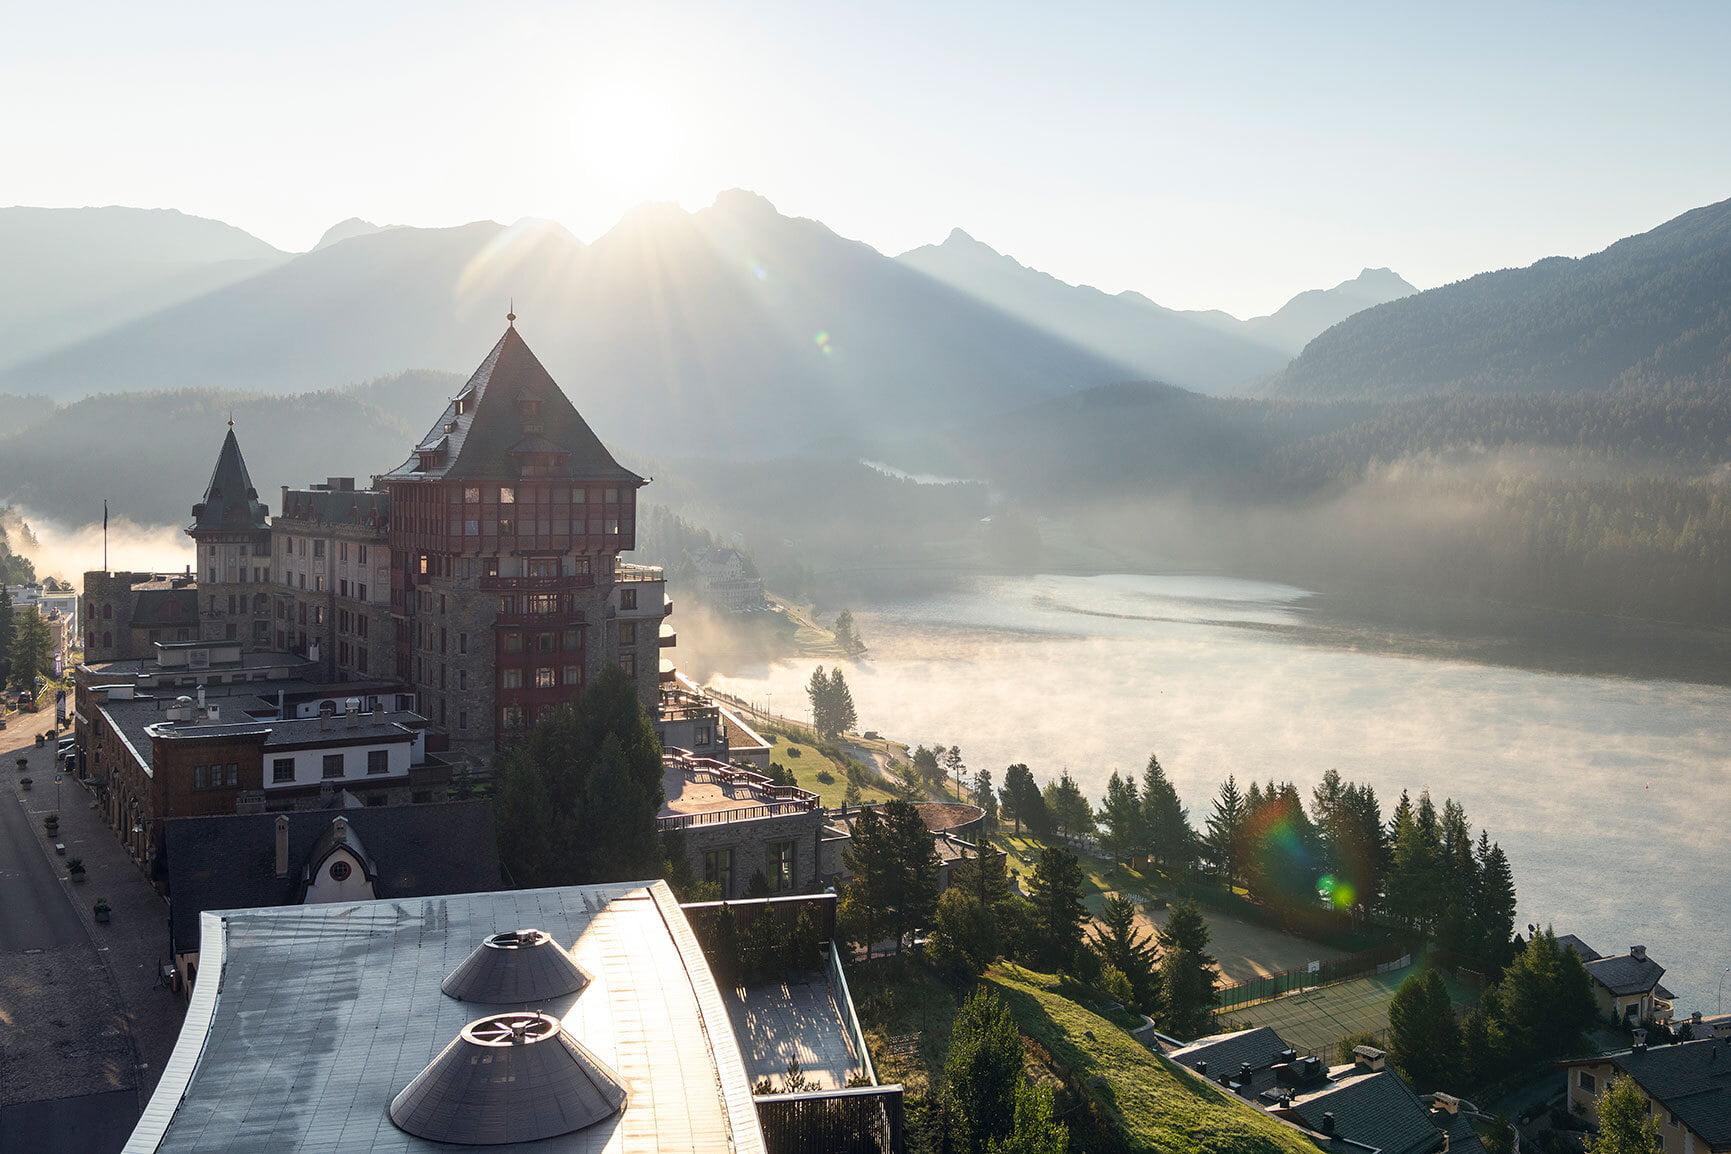 Wer mehr als eine Nacht in einem teilnehmenden Hotel bucht, erhält das Bergbahnticket inklusive.